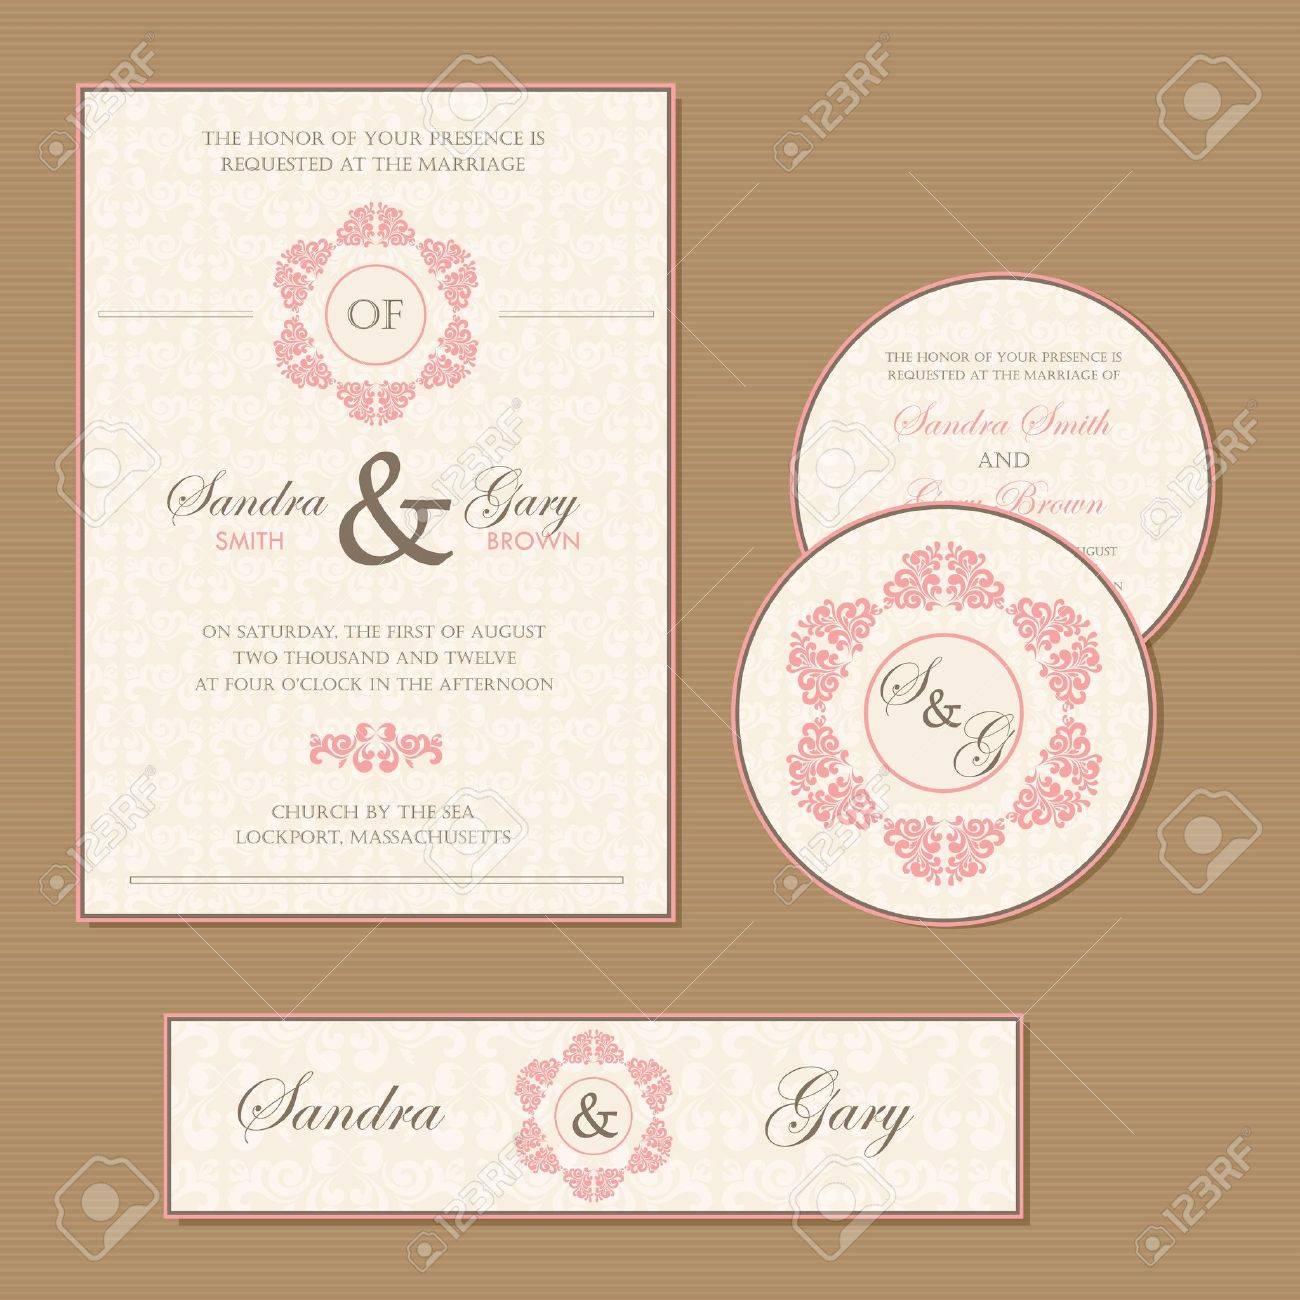 Beautiful vintage wedding invitation cards - 23820992